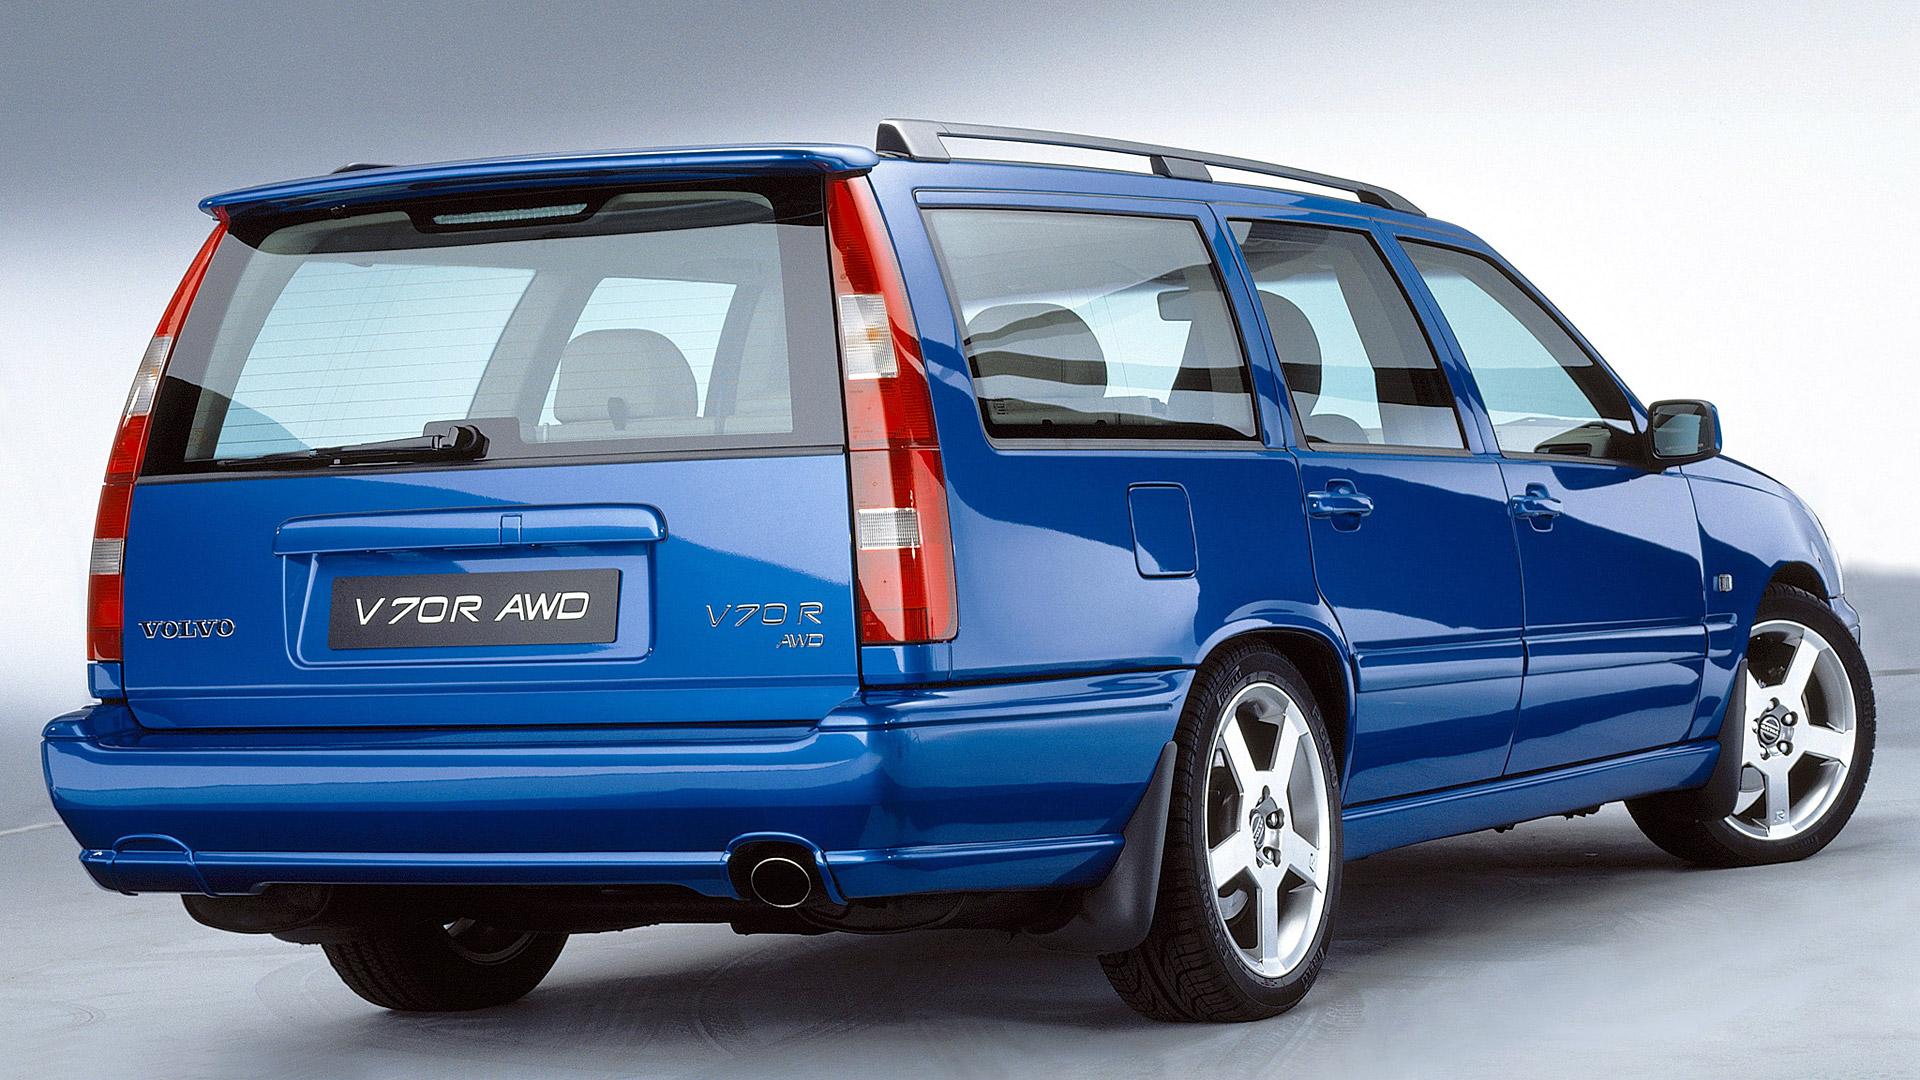 1997-Volvo-V70-R-AWD-V1-1080.jpg